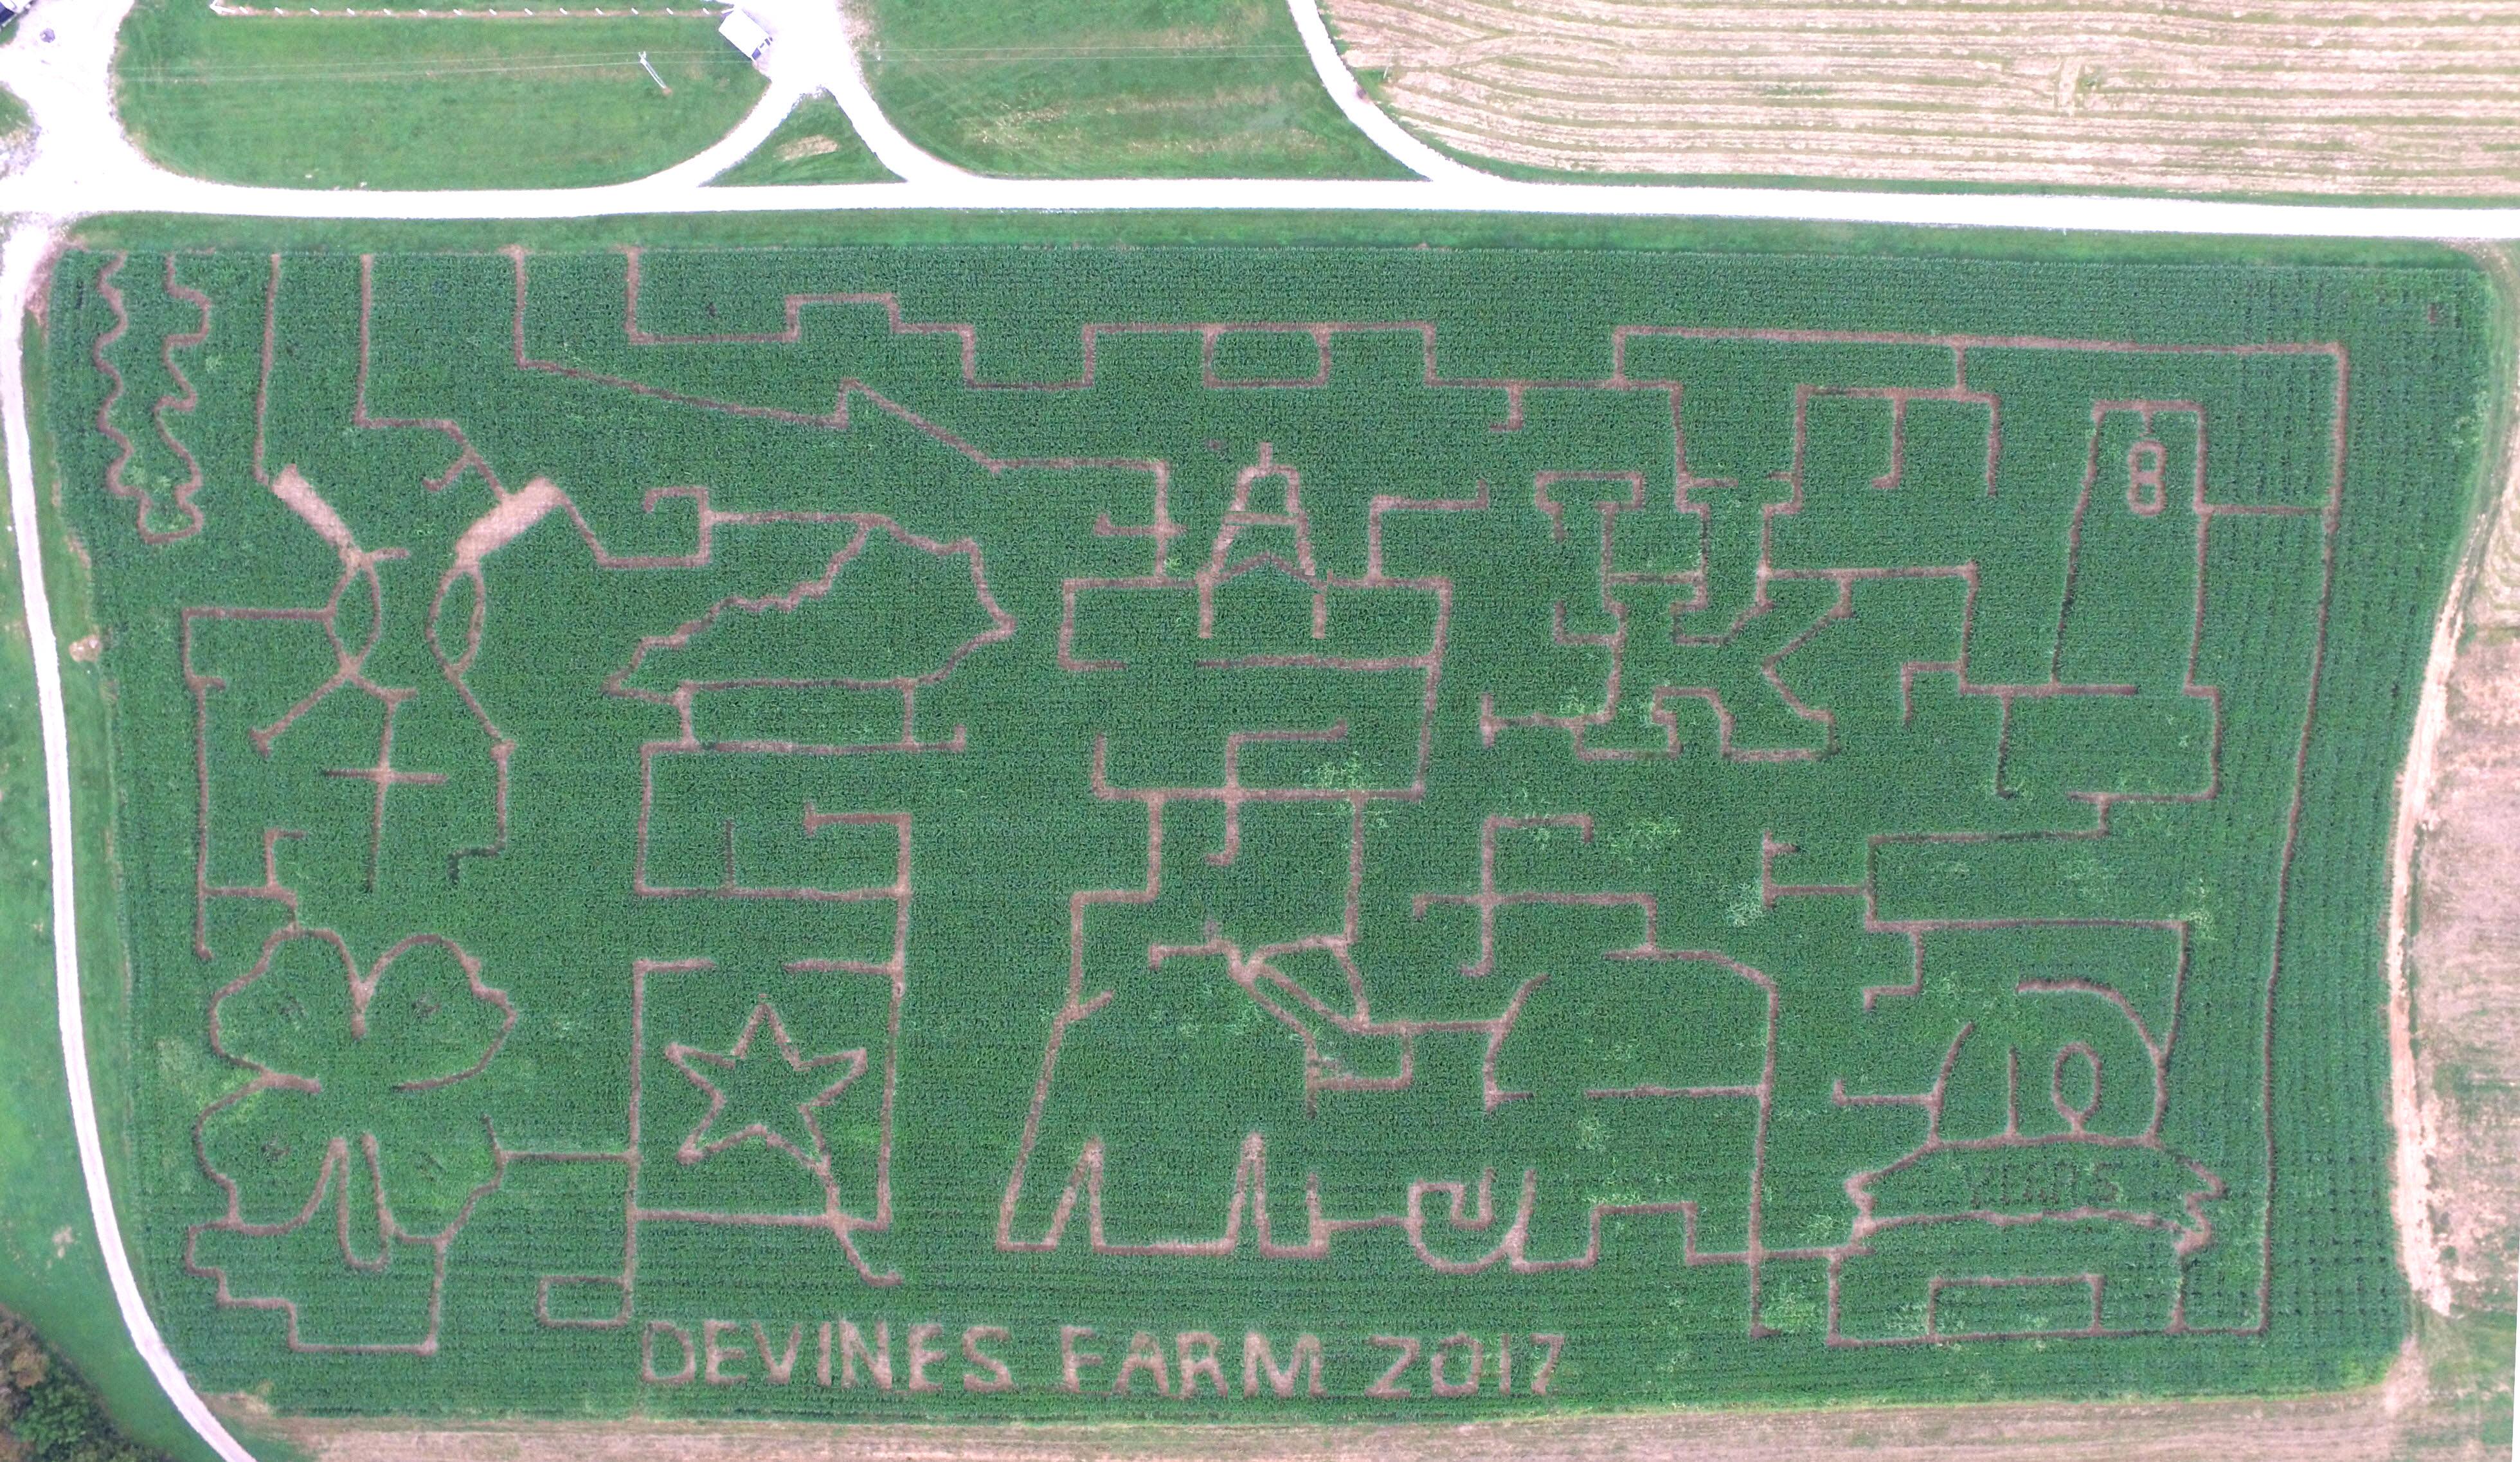 2017 Devine's Corn Maze R0.3